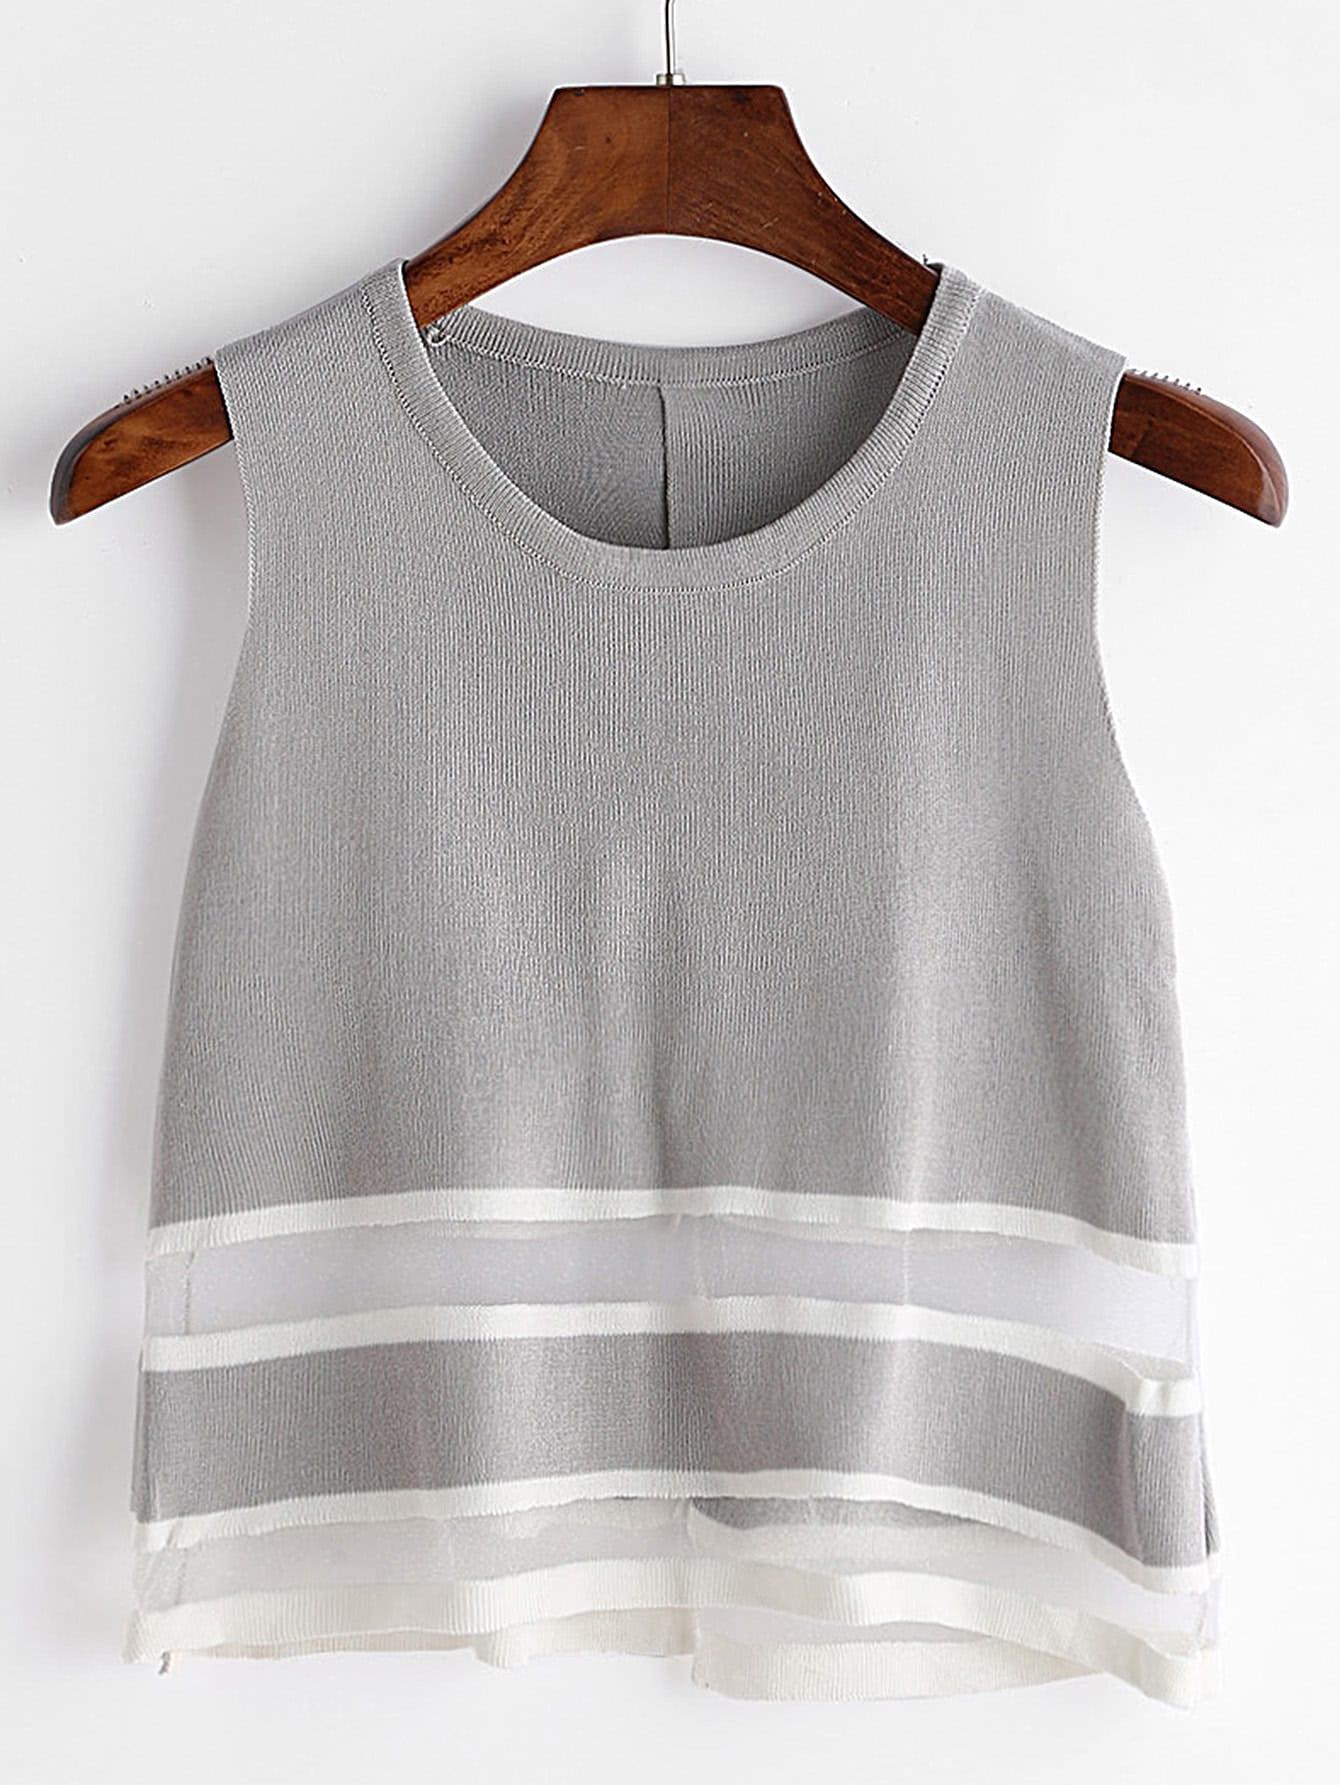 Фото Sheer Mesh Insert Slit Back Knit Tank Top. Купить с доставкой